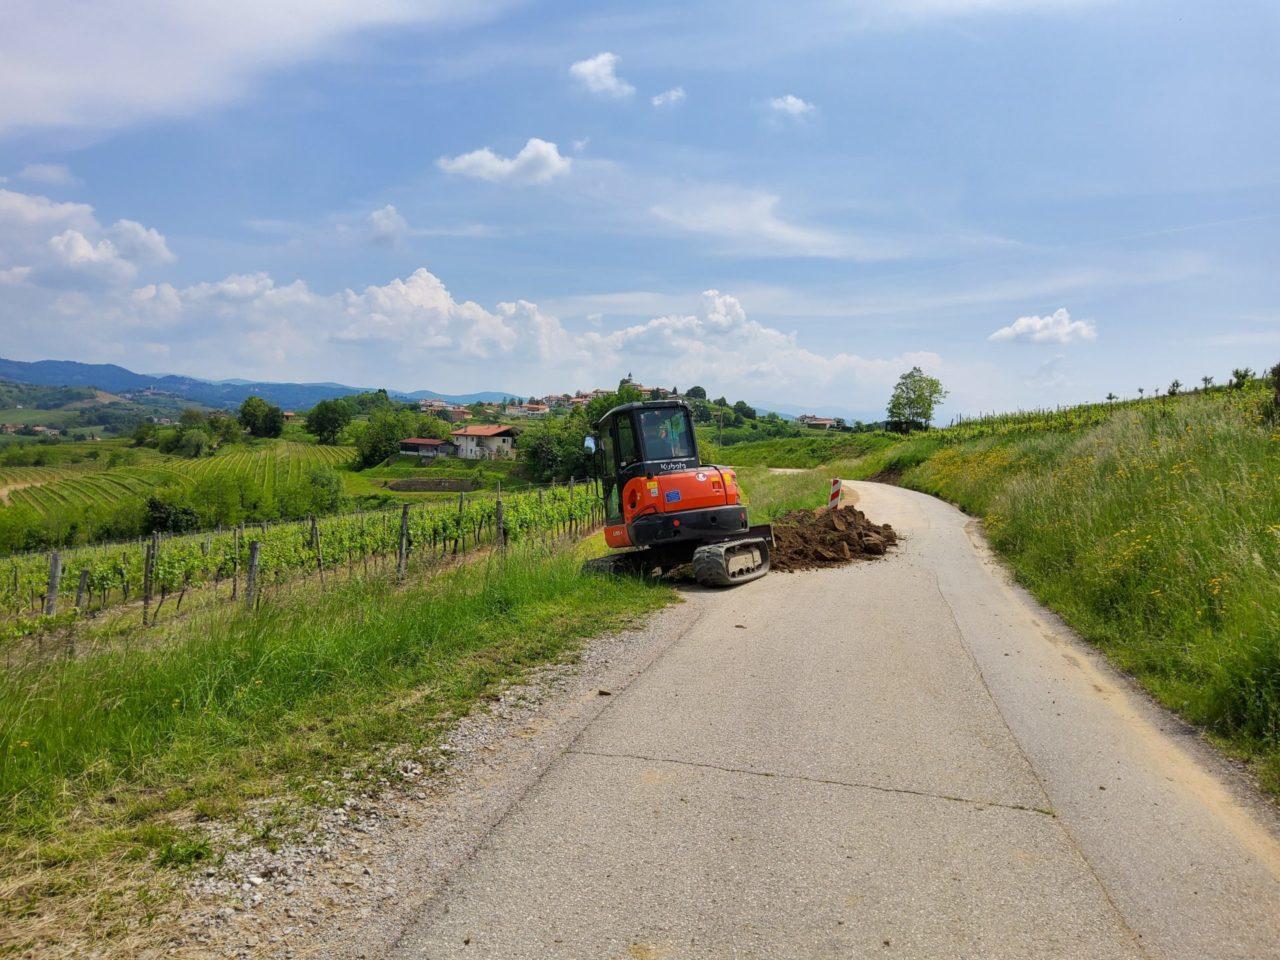 Novi kilometri trase omrežja RUNE v občini Brda